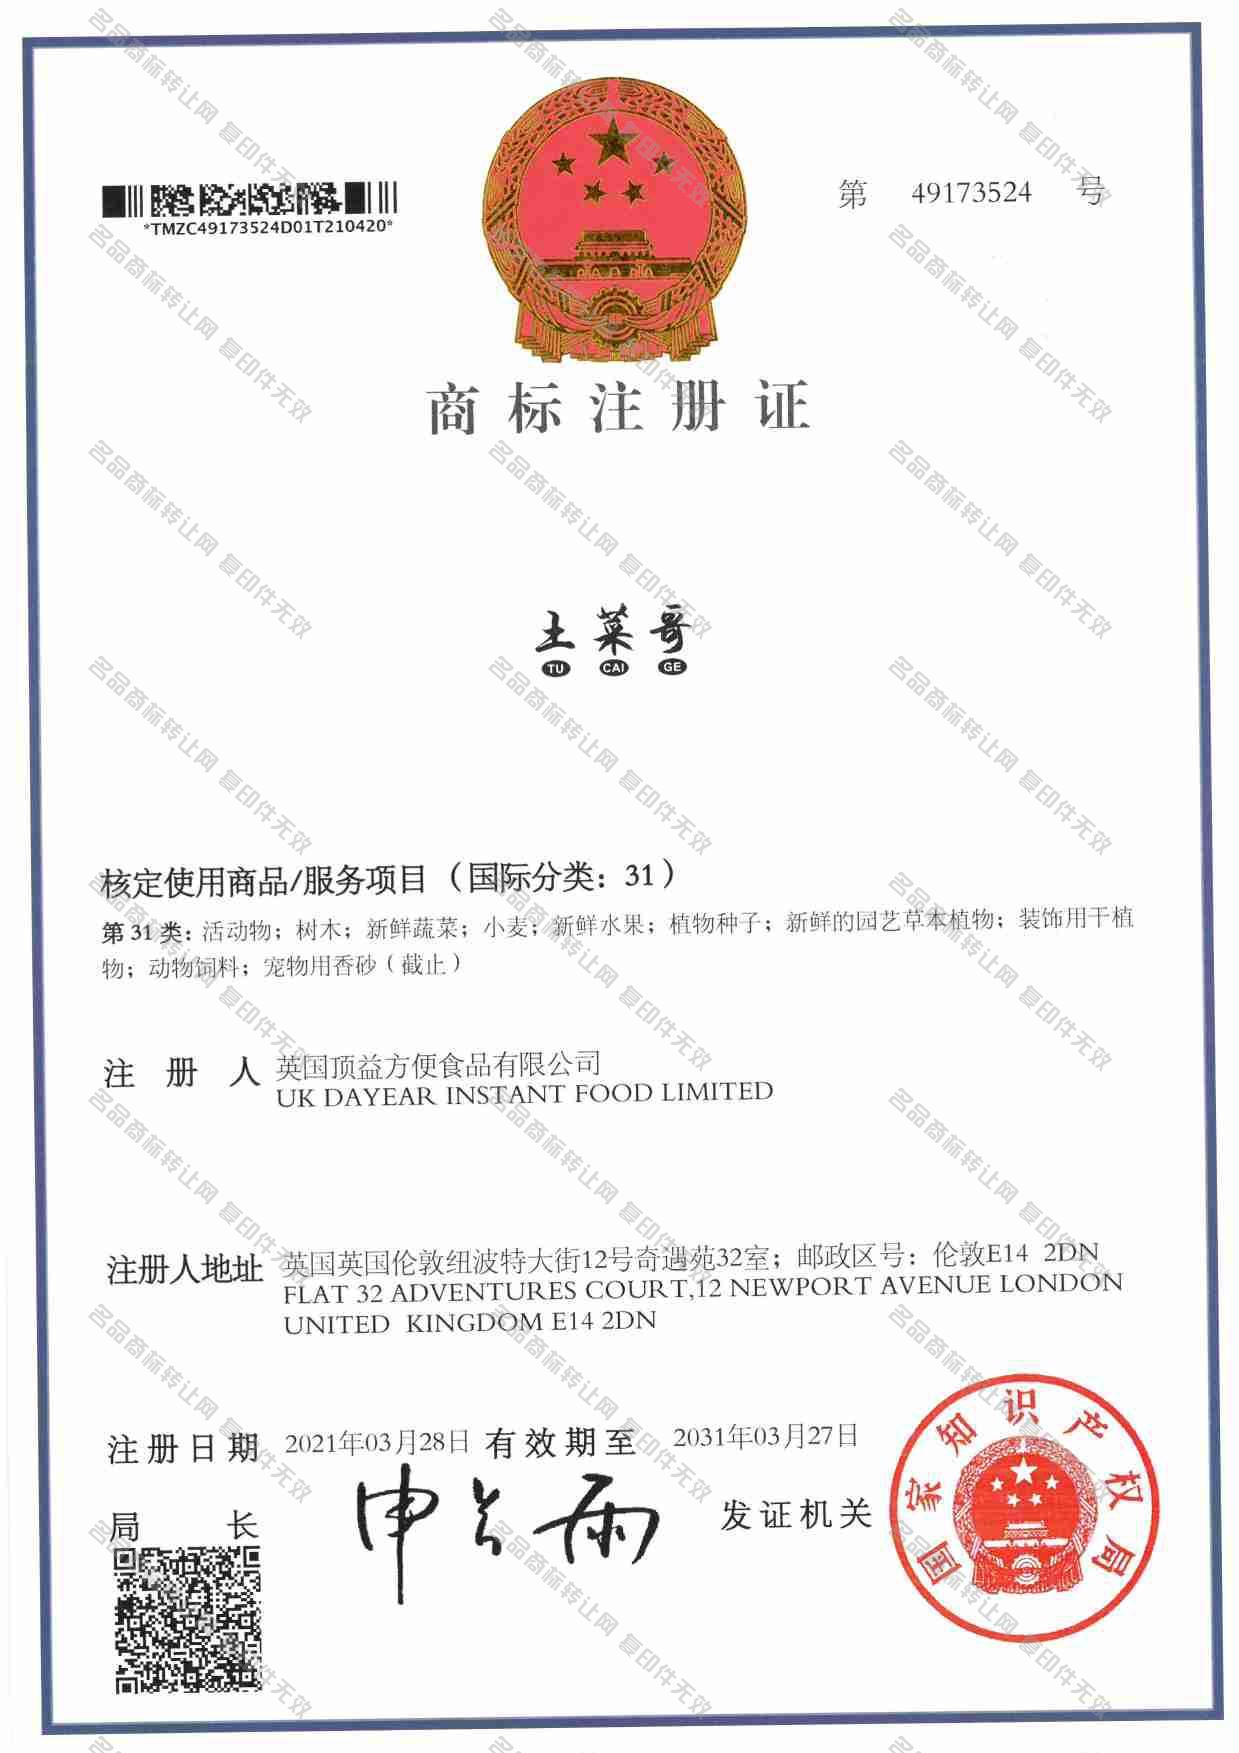 土菜哥注册证